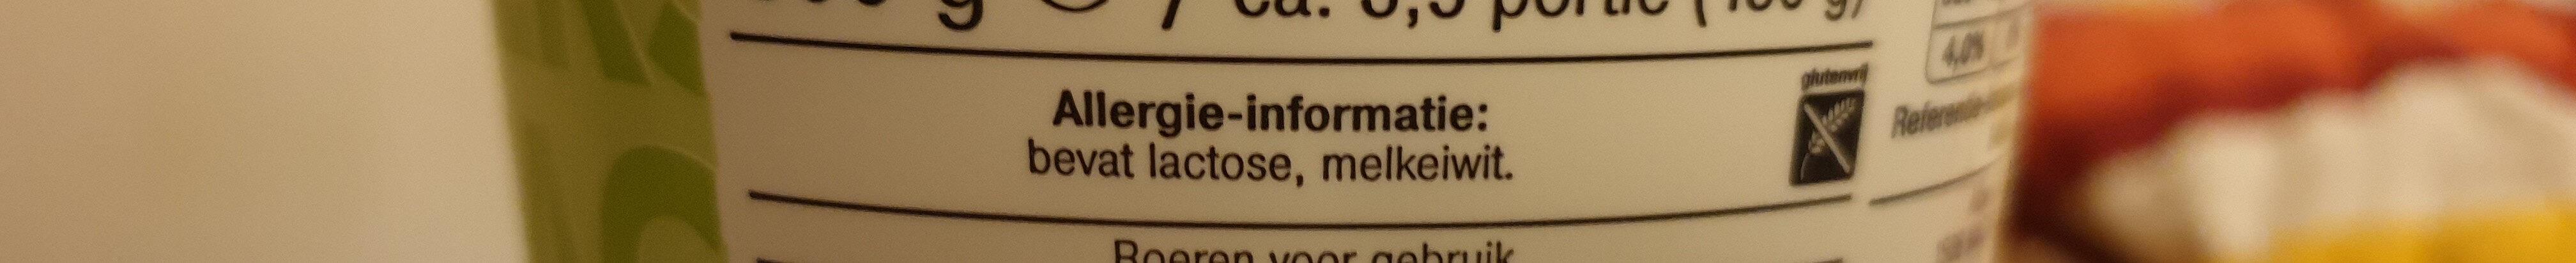 De Zaanse Hoeve Magere Kwark - Ingredients - en